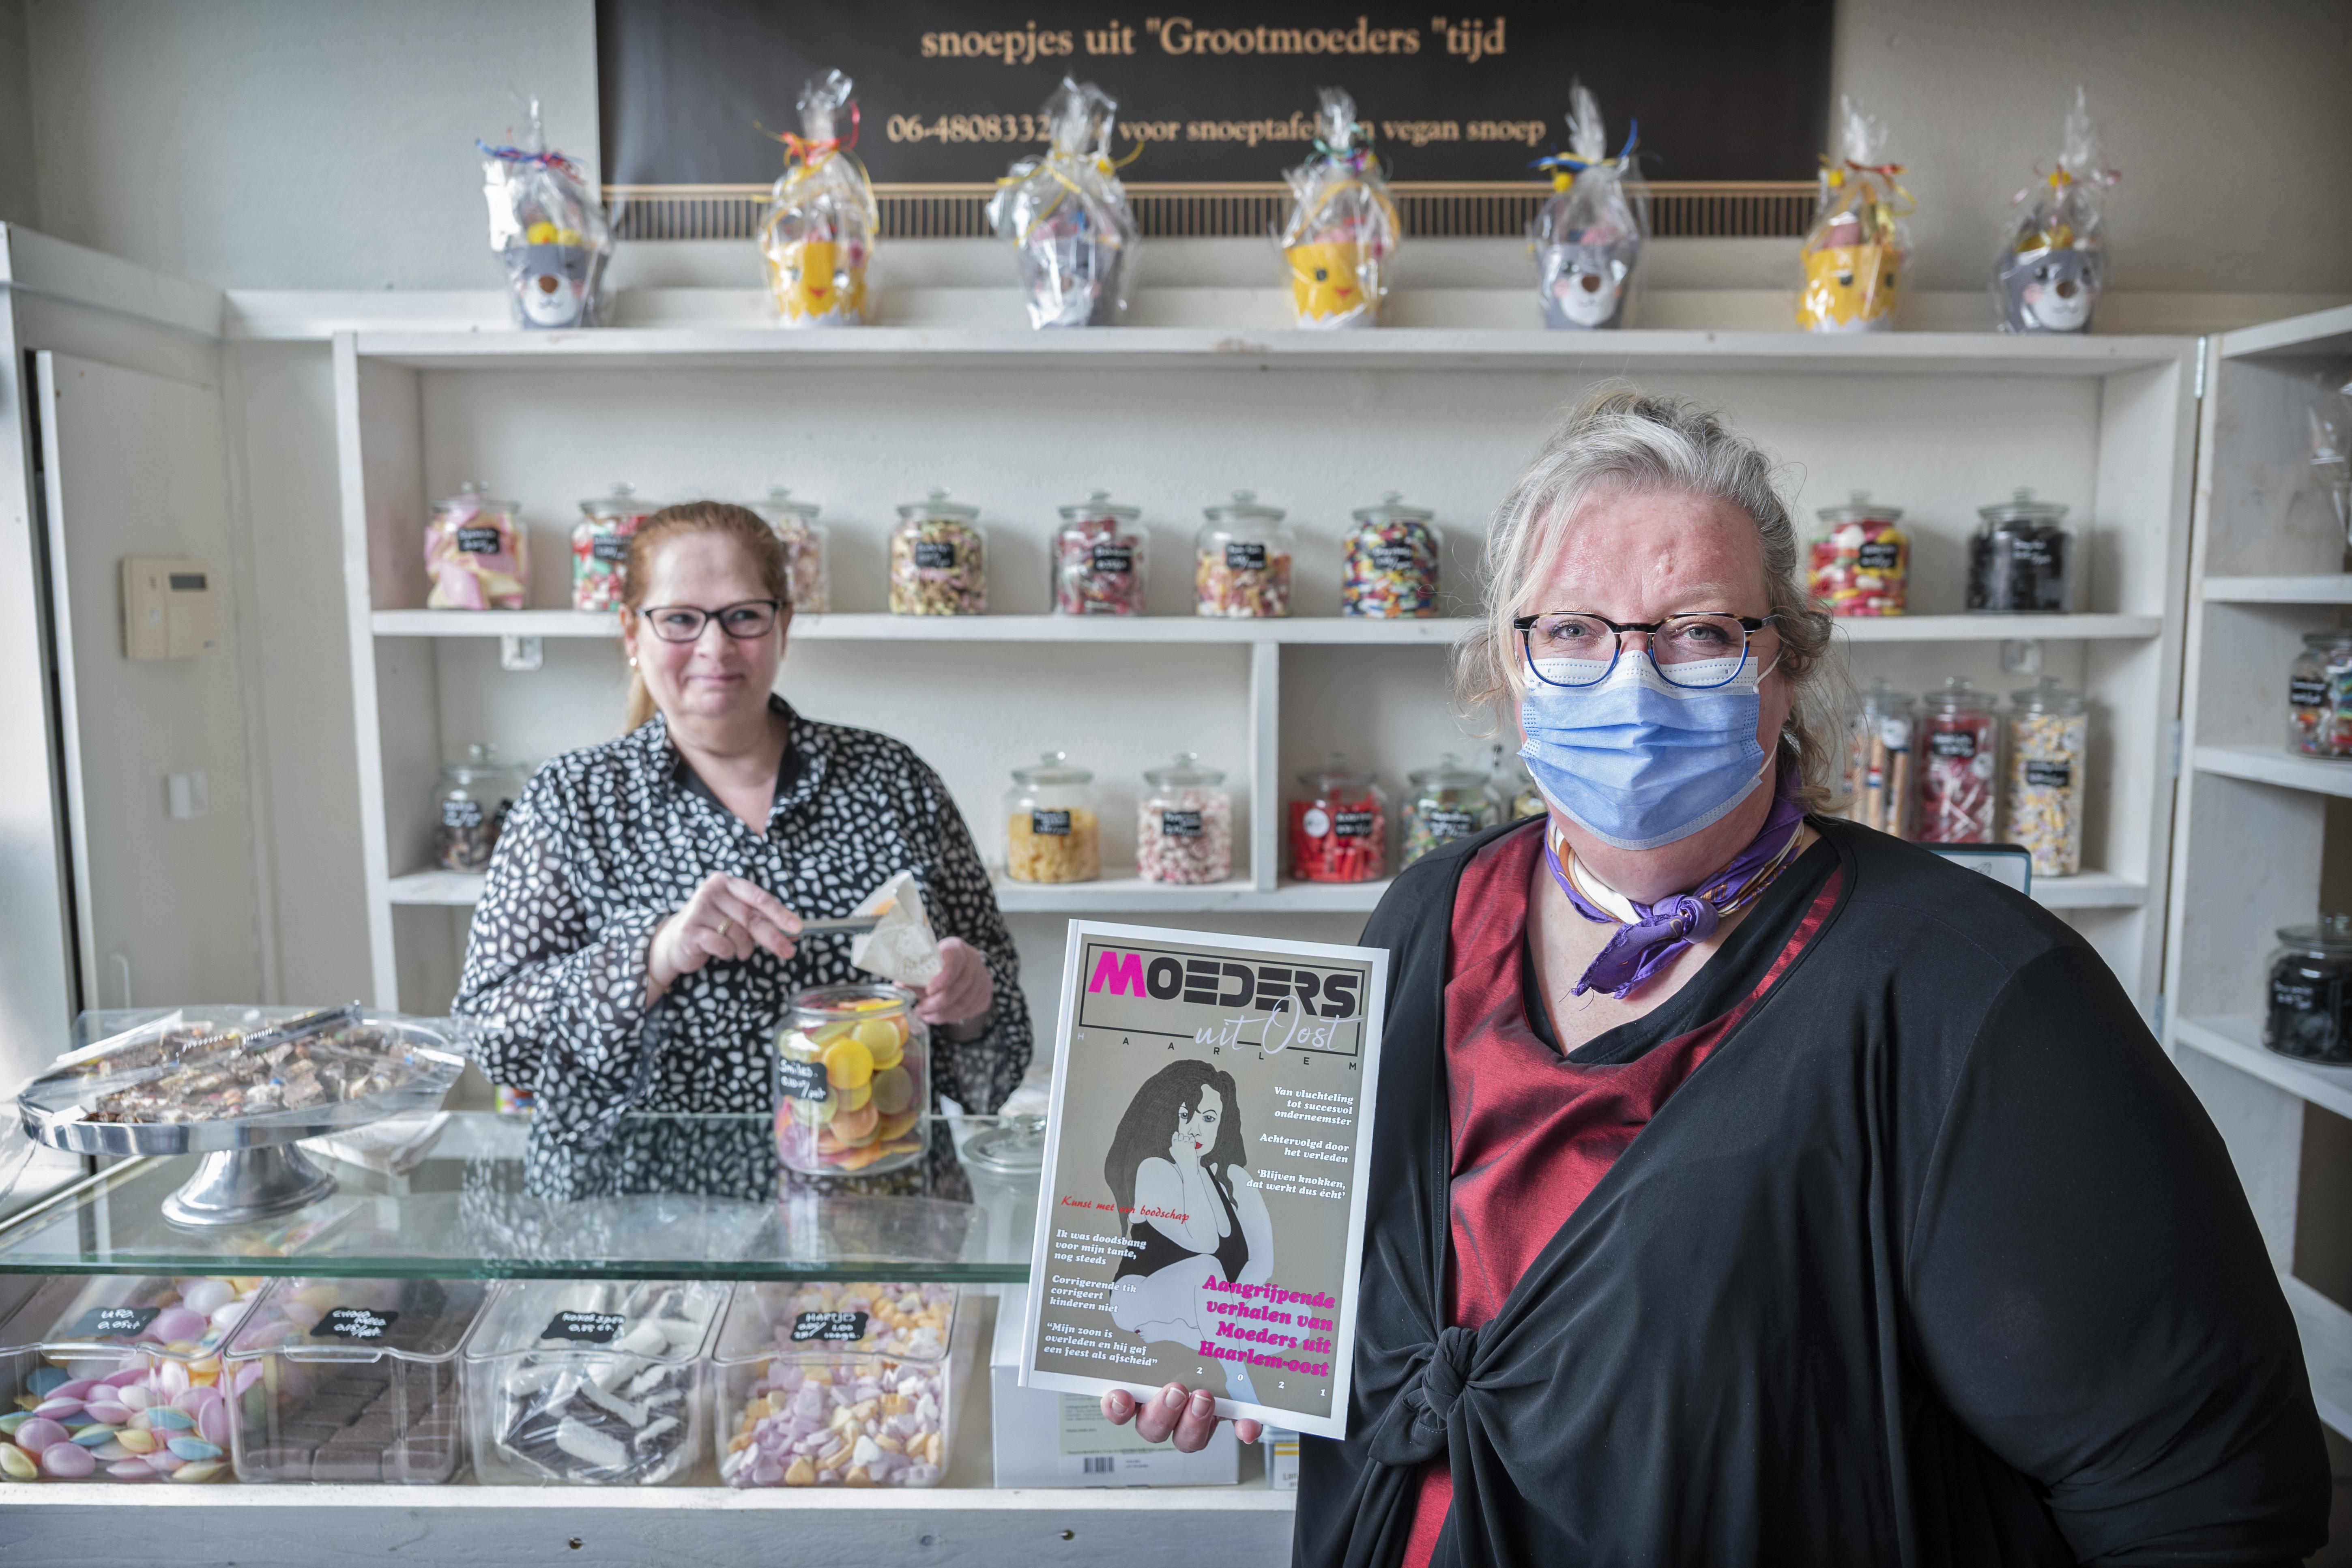 Glossy vol verhalen van moeders uit Haarlem-Oost: 'Vrouwen moeten weten dat ze gehoord worden'